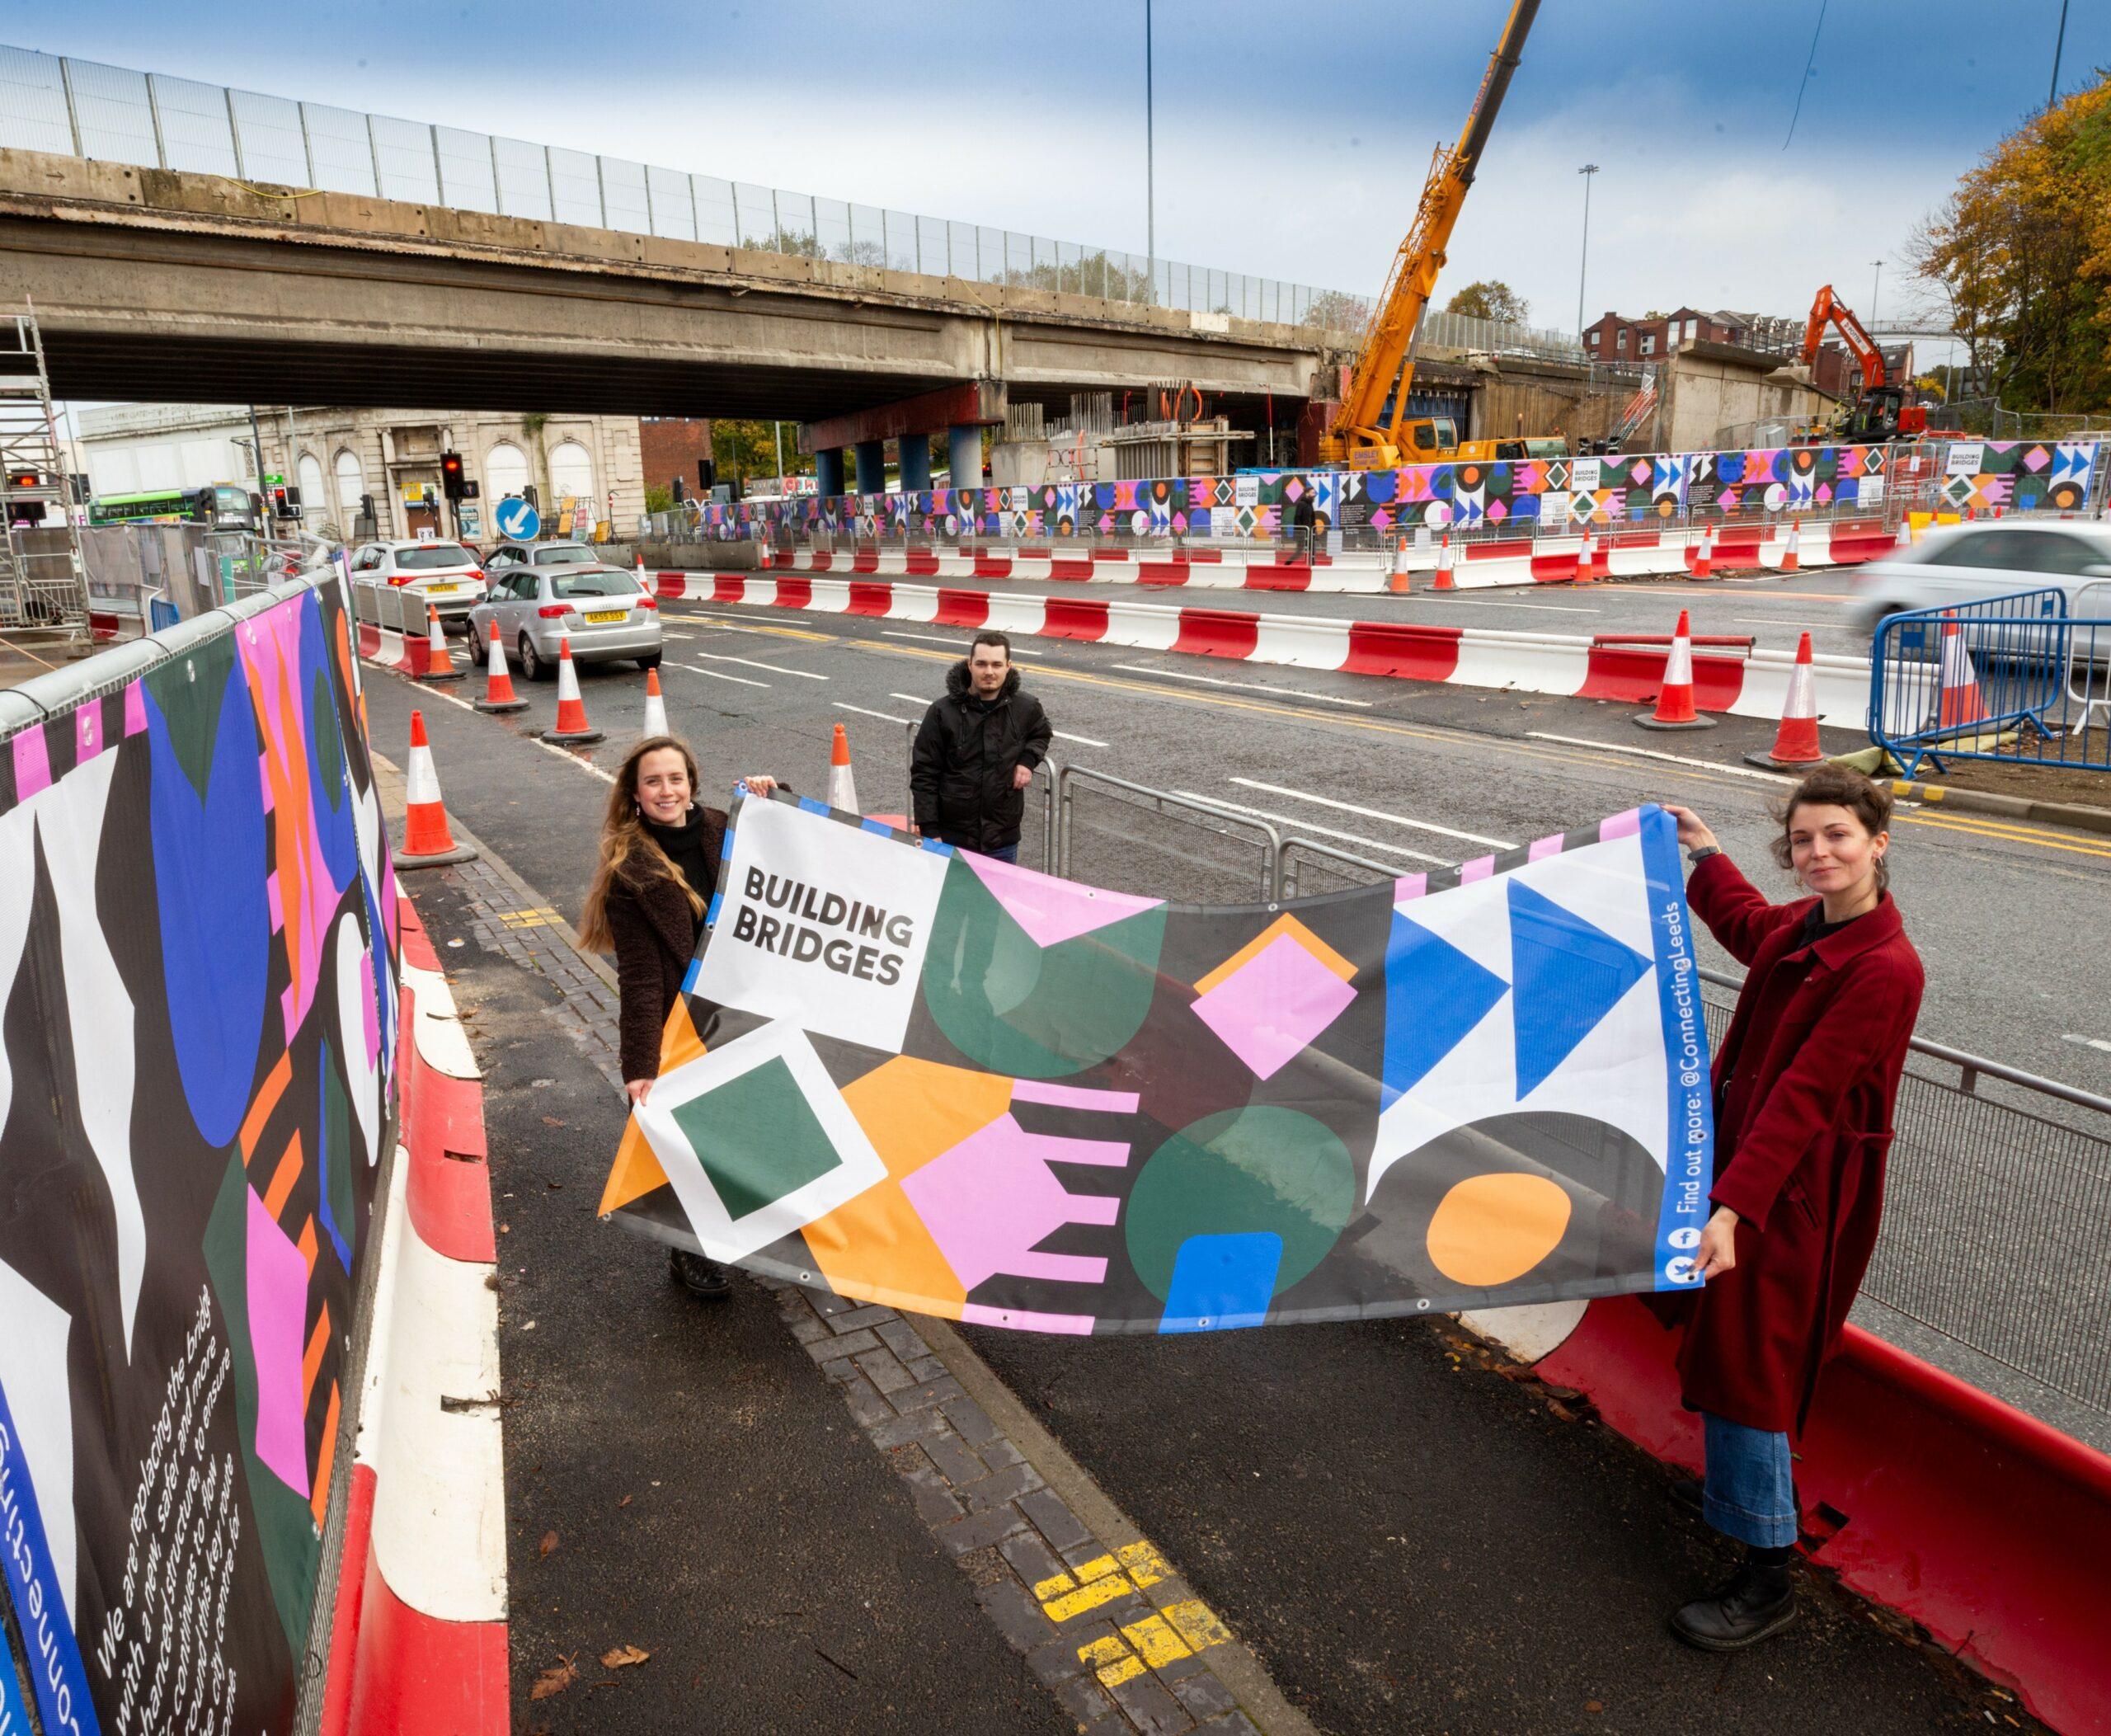 REGENT STREET FLYOVER LEEDS ARTIST'S BANNERS